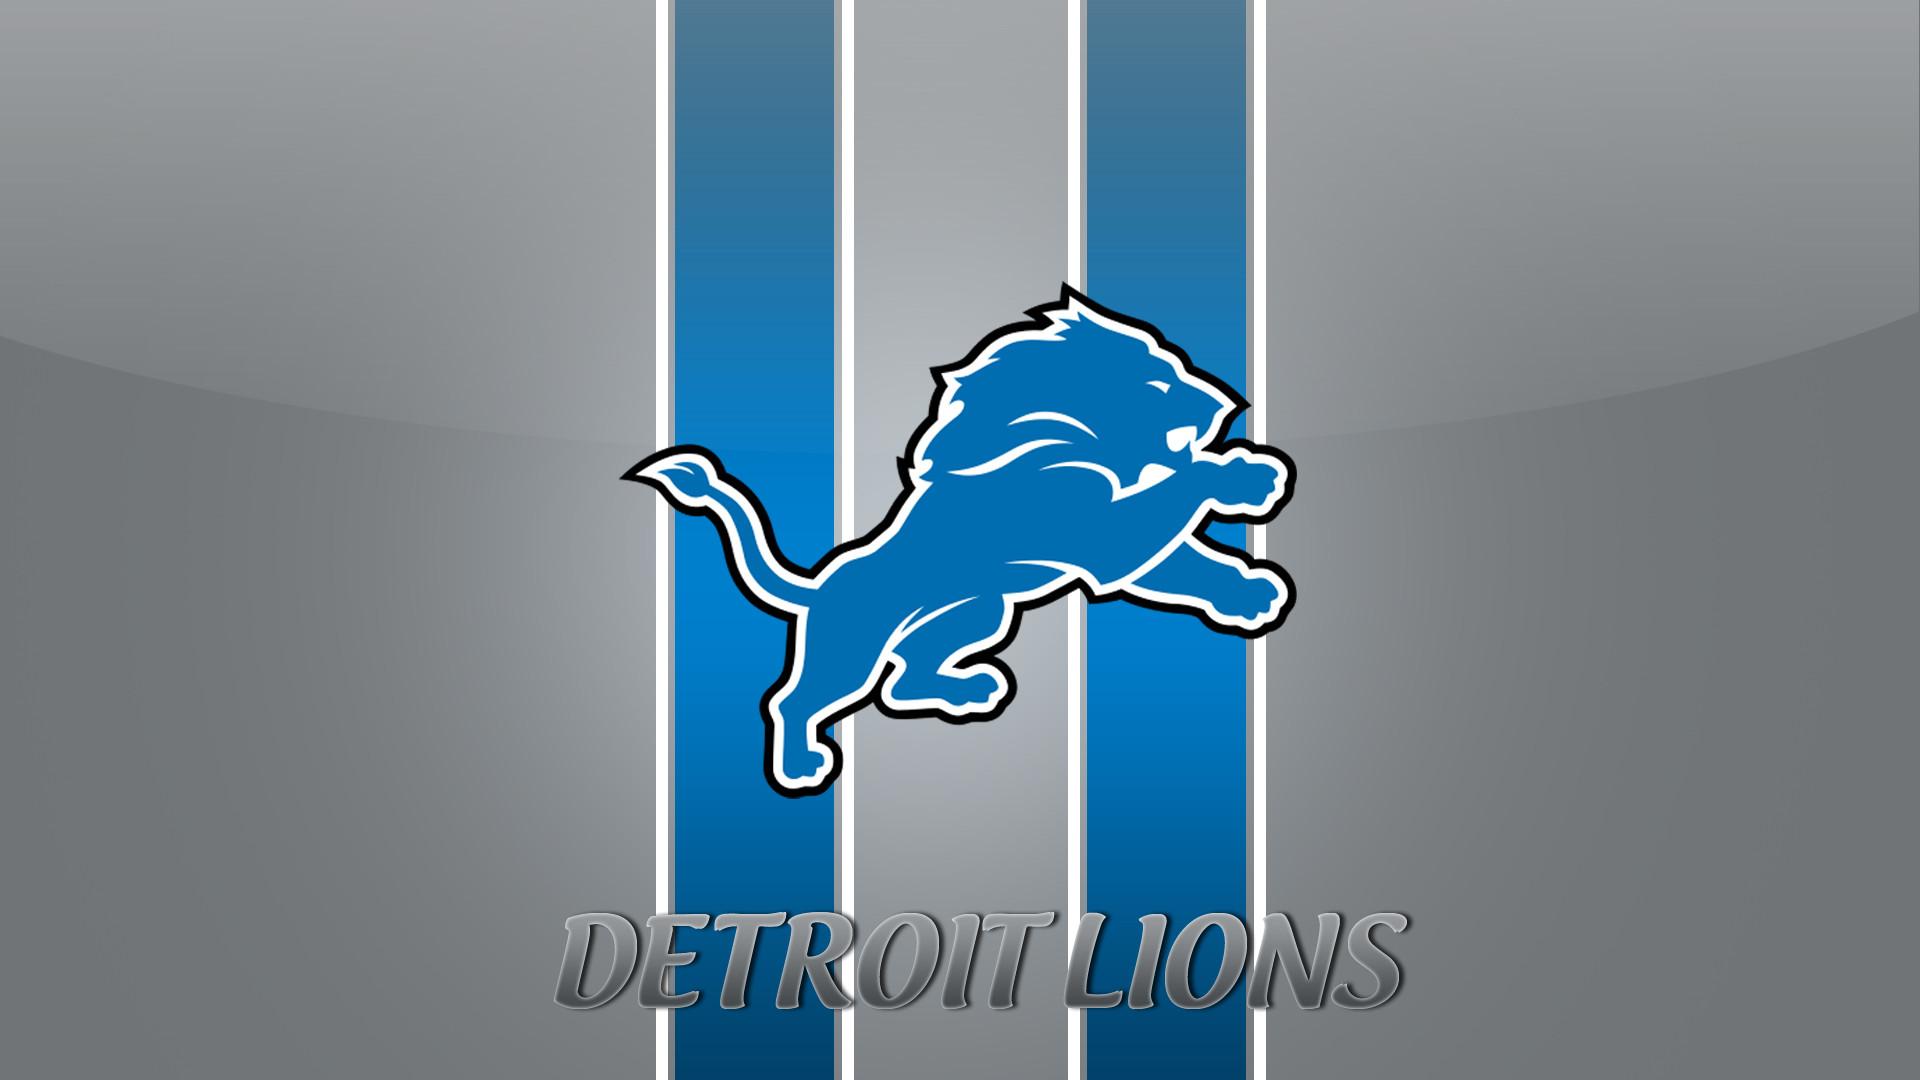 detroit lions pics | Detroit Lions Wallpaper 10 300×168 Detroit Lions  Wallpaper (10)